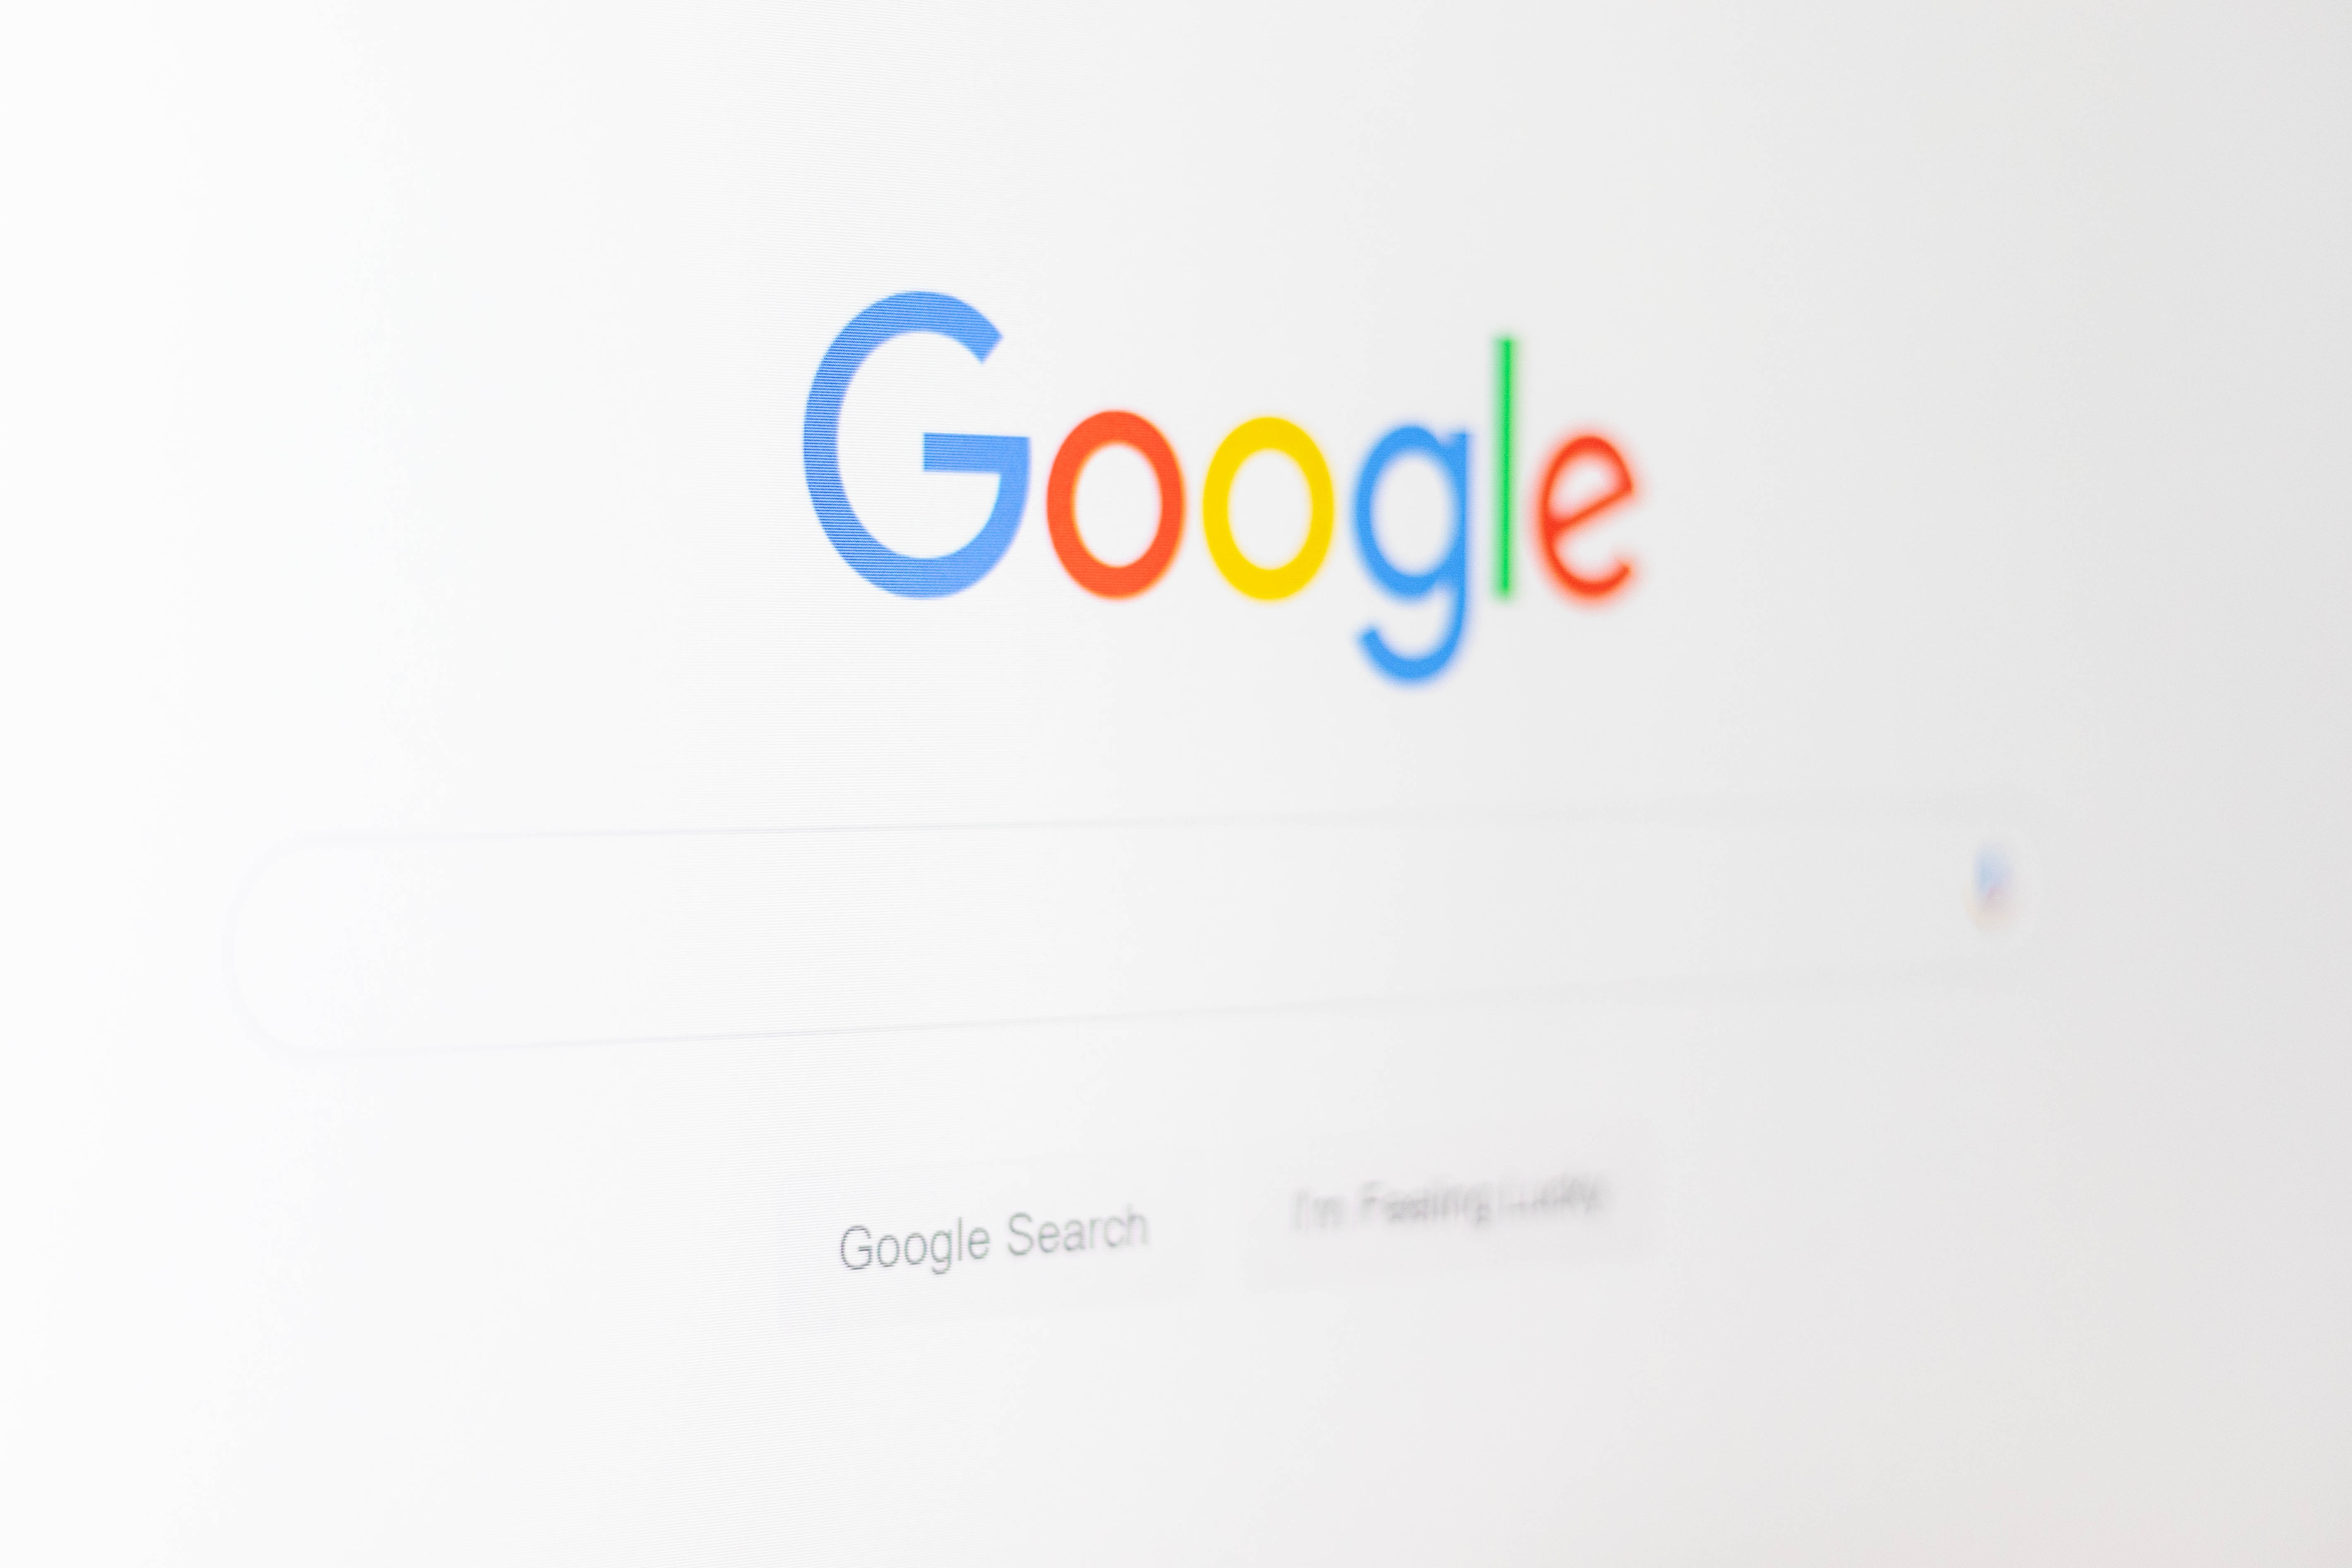 Googleに対して、自分の名前が検索されたページの削除リクエストを行う